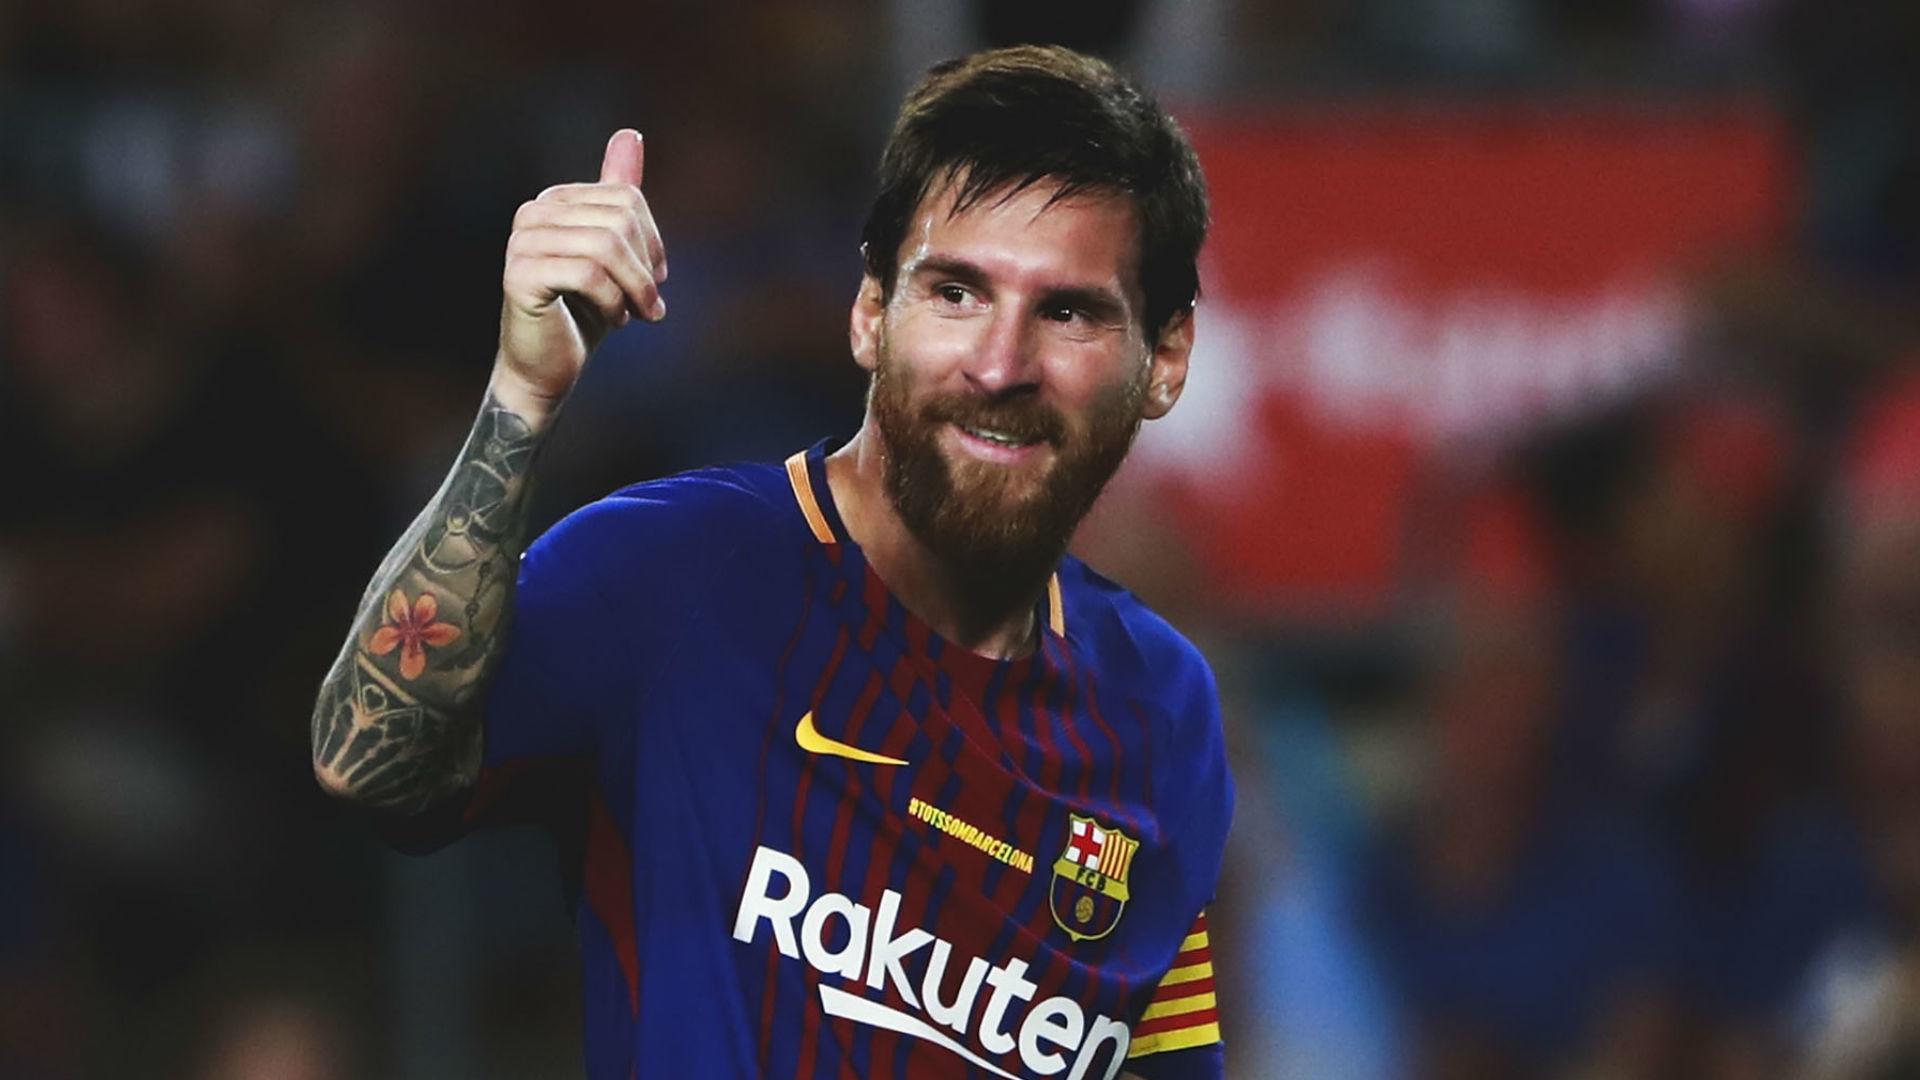 Hình ảnh Messi cười thân thiện với đồng đội trên sân. Giờ đây anh nhìn có phần chững chạc so với một Messi nhanh nhẹn của tuổi 20 với biệt danh La ...